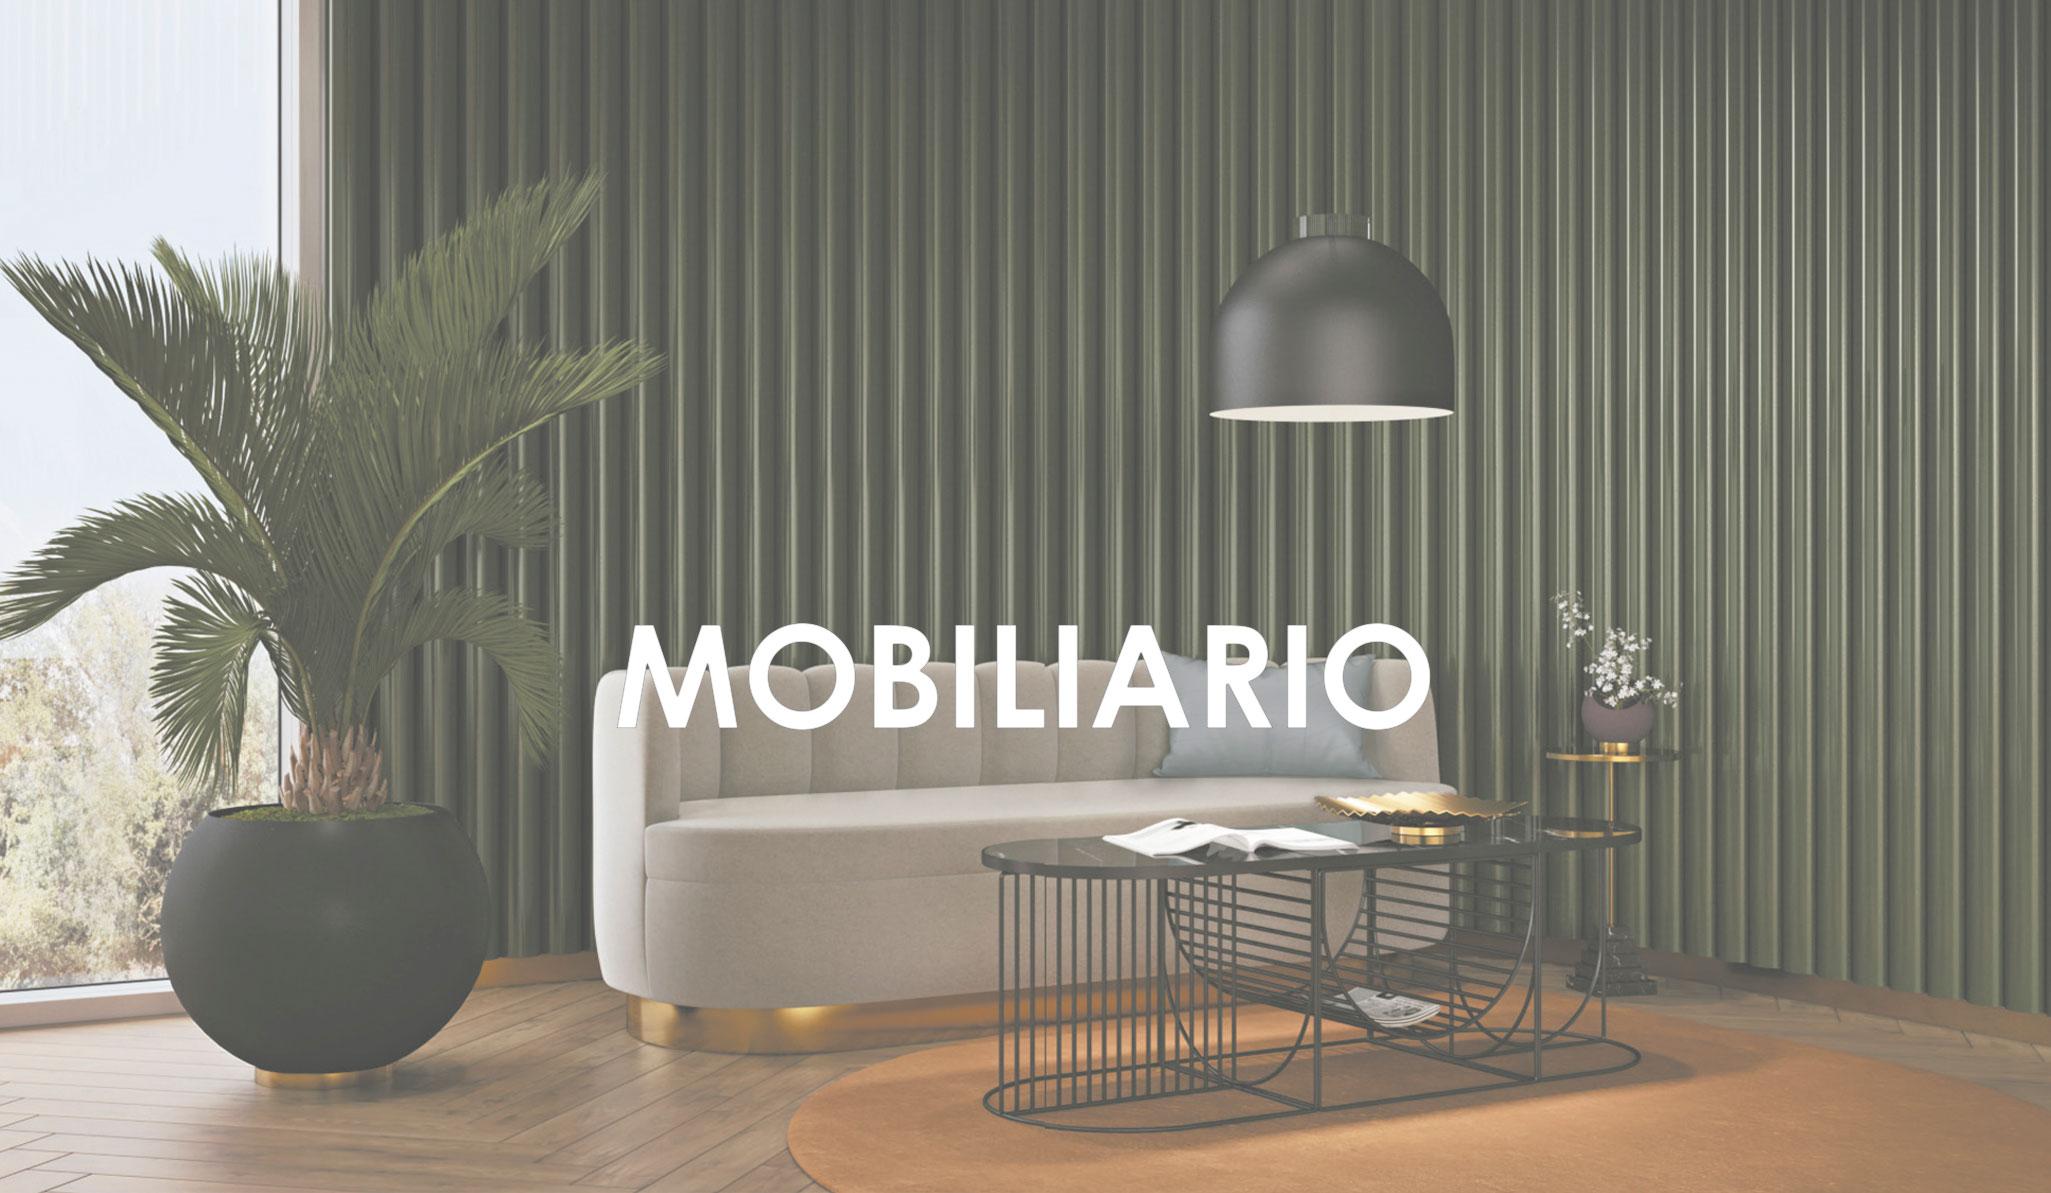 Mobiliario | San-Pal Tienda de decoración online